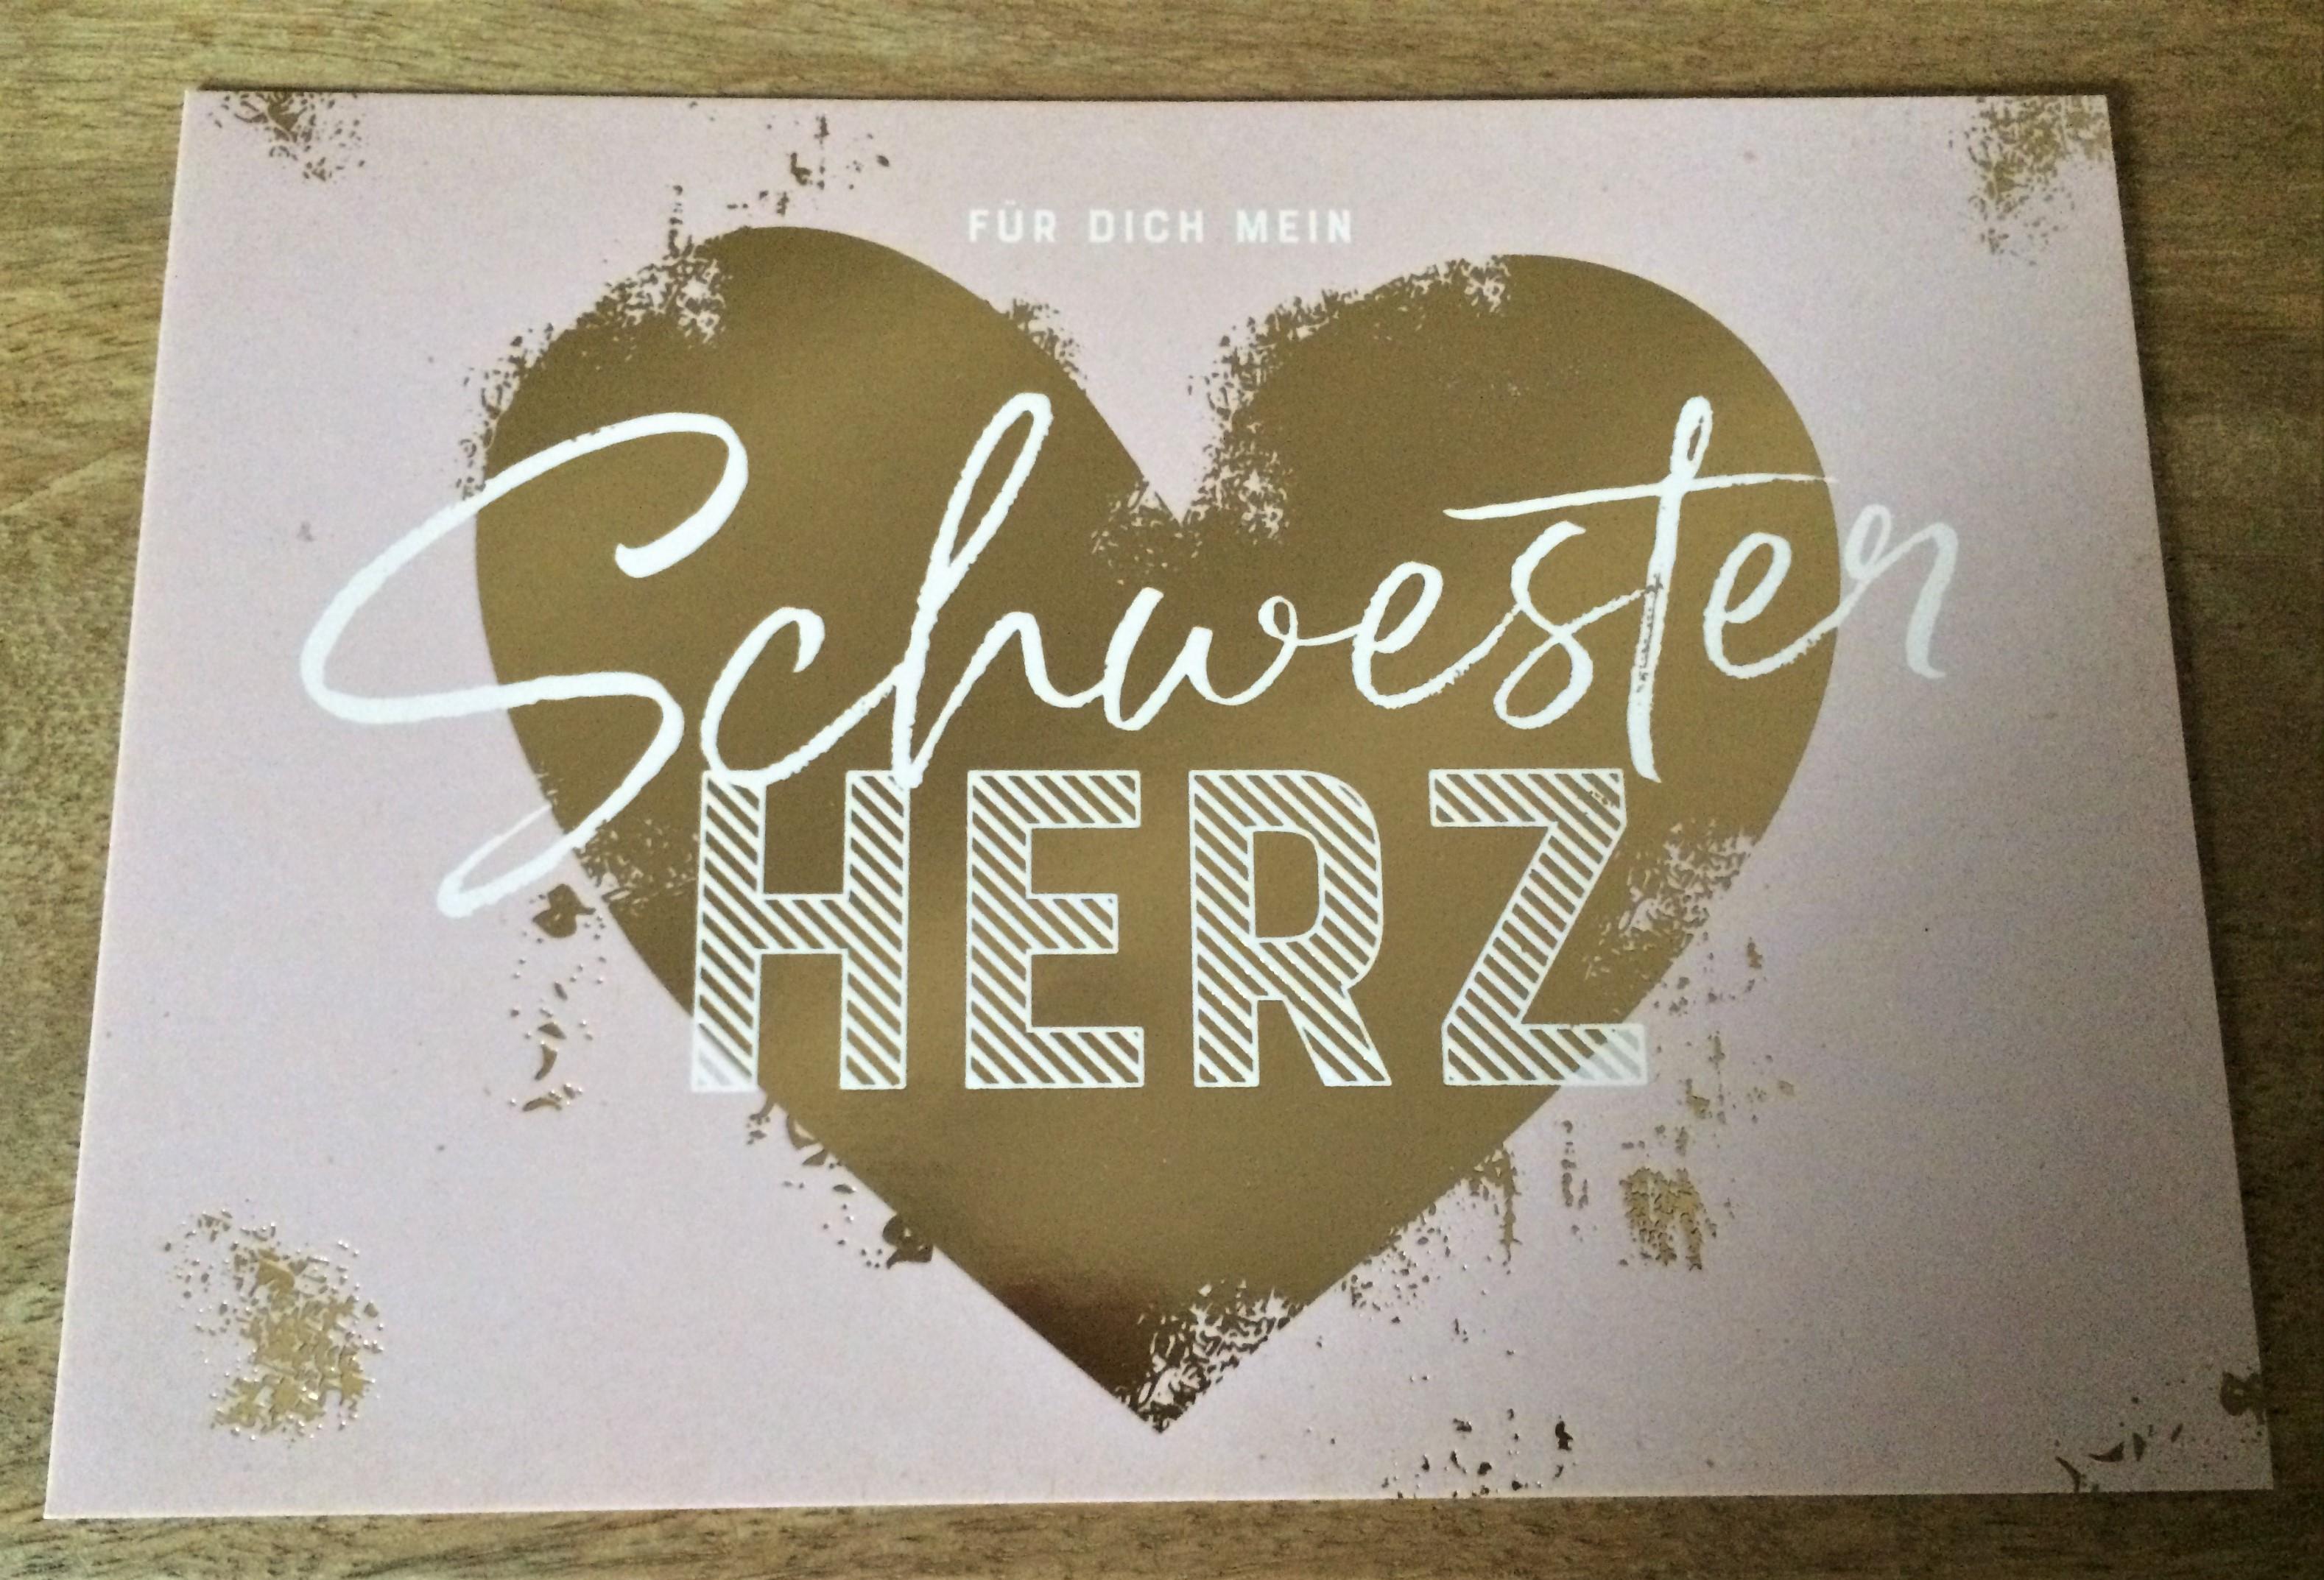 Nützlichgrusskarten - Postkarte Für dich mein Schwester Herz - Onlineshop Tante Emmer